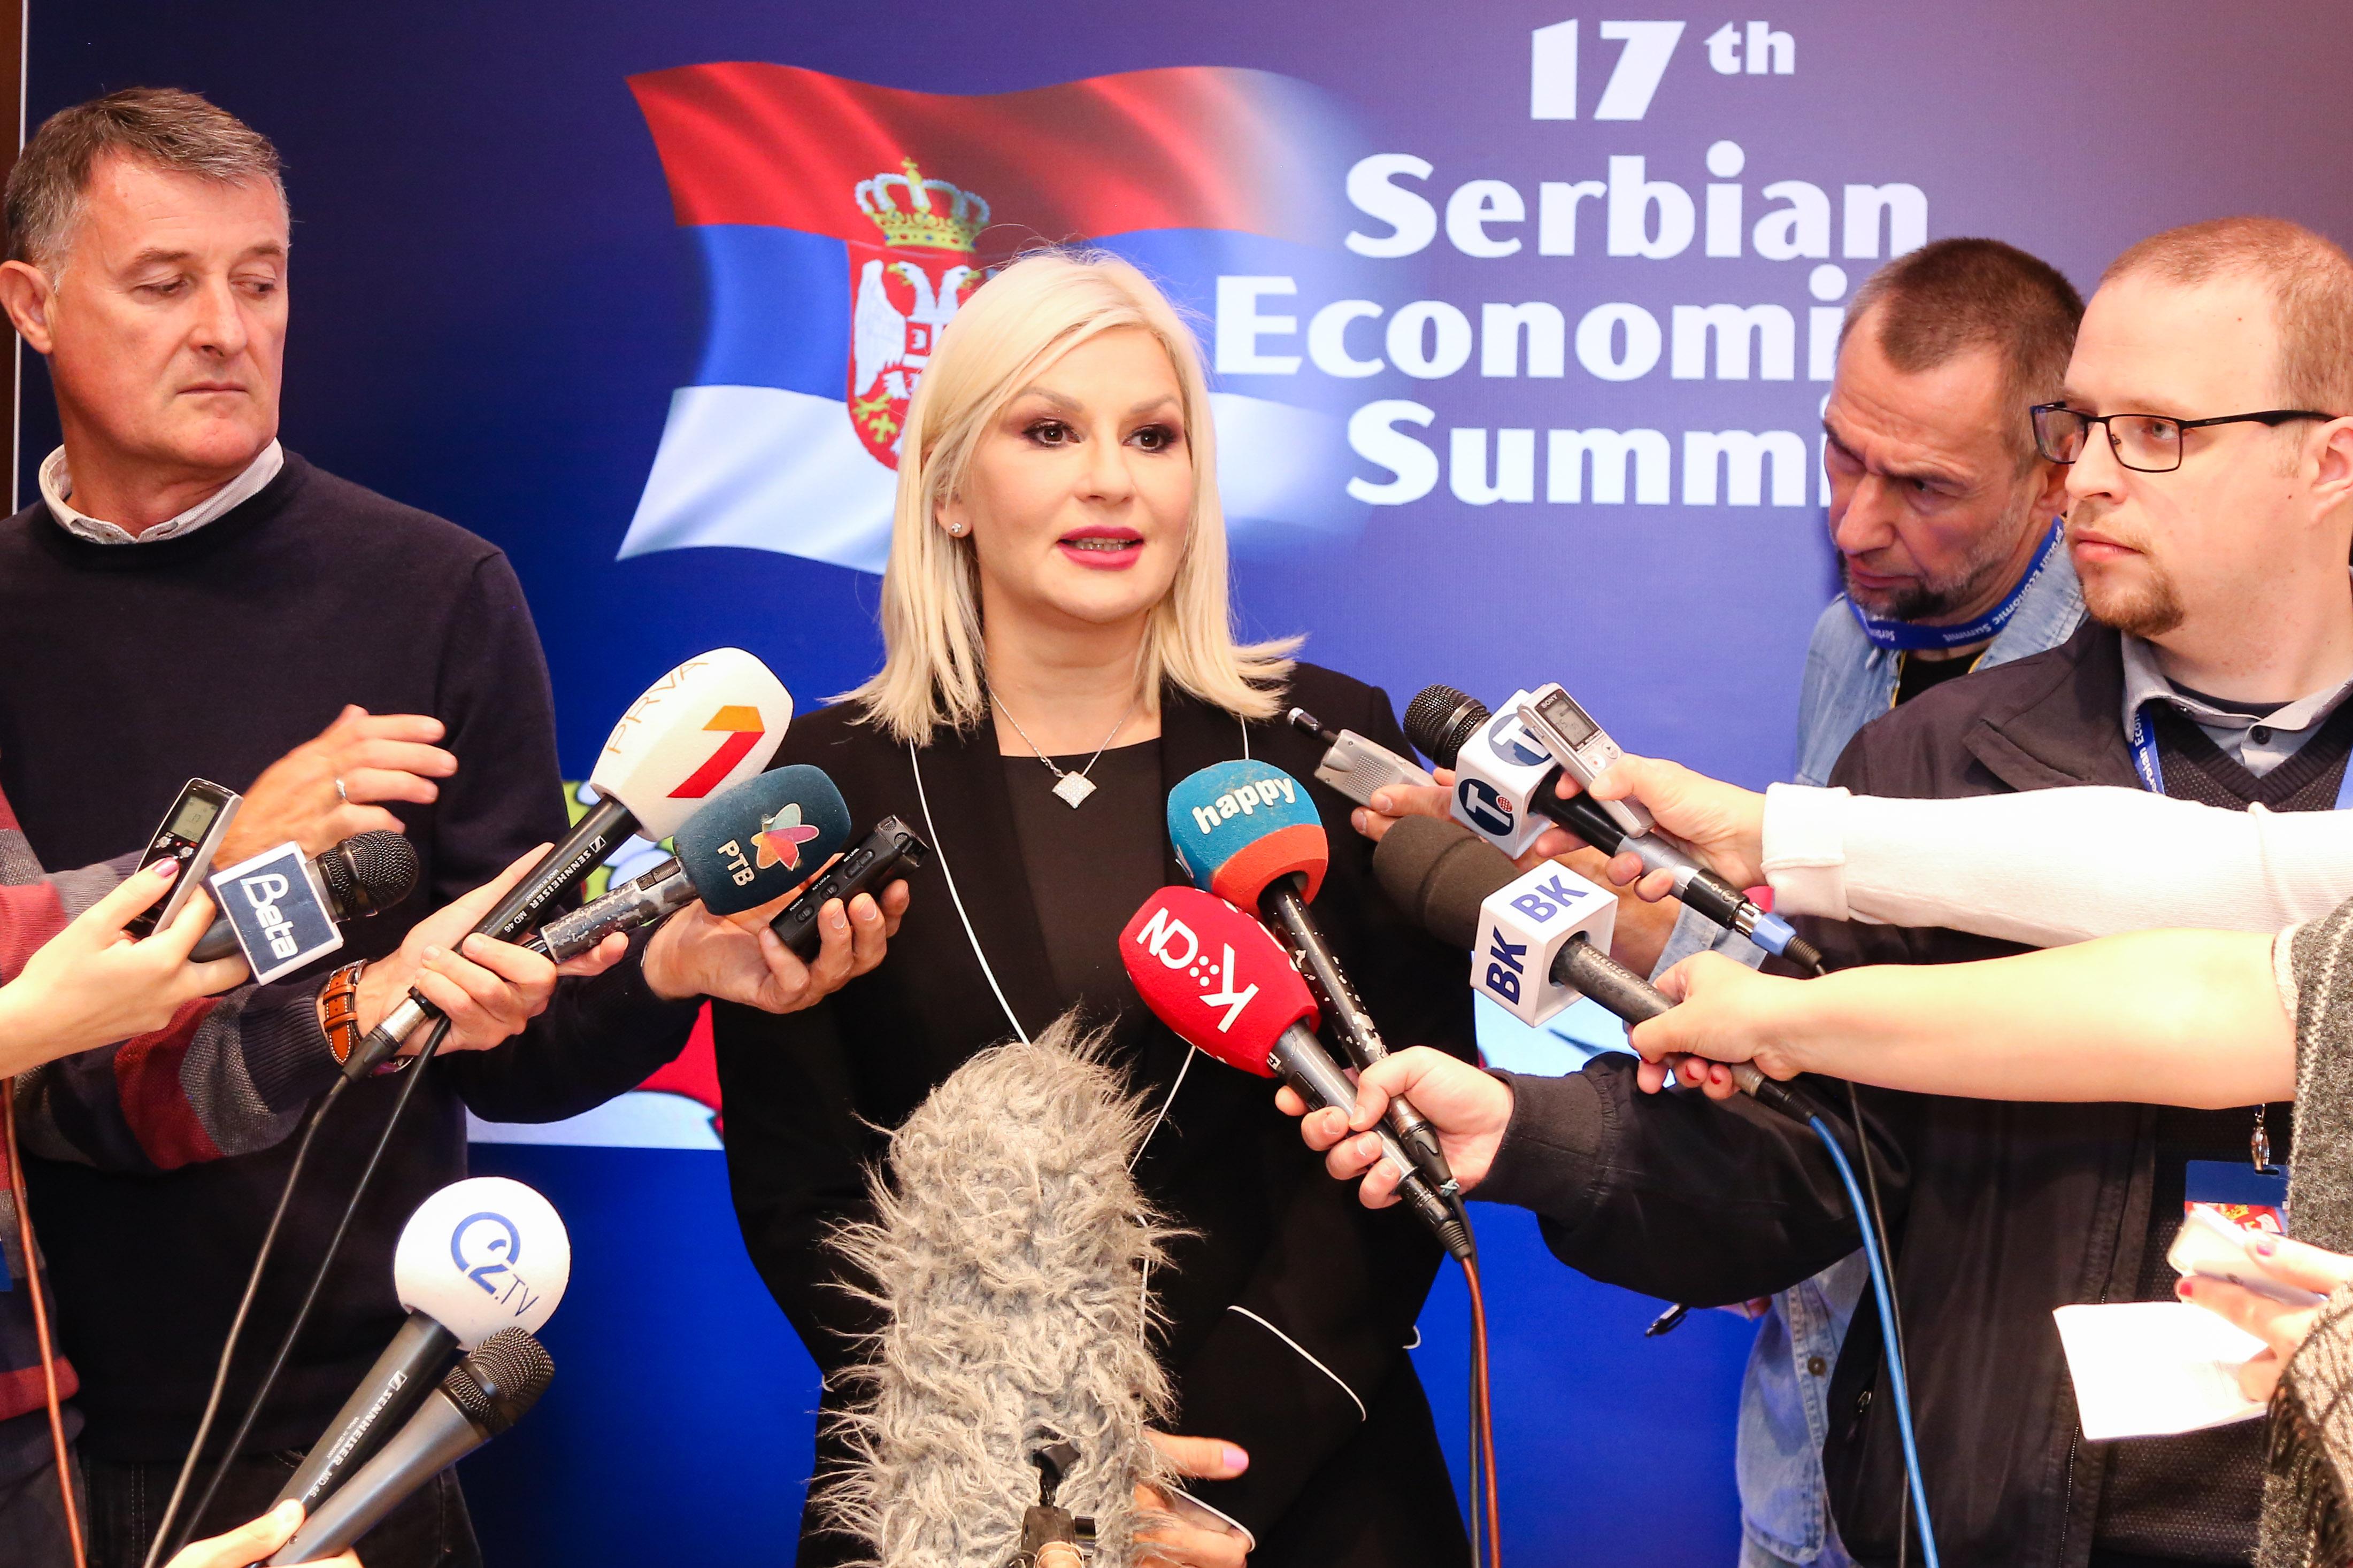 """Mihajlovićeva na ekonomskom samitu citirala Hanibala: """"Ili ćemo pronaći put ili ćemo ga napraviti!"""""""